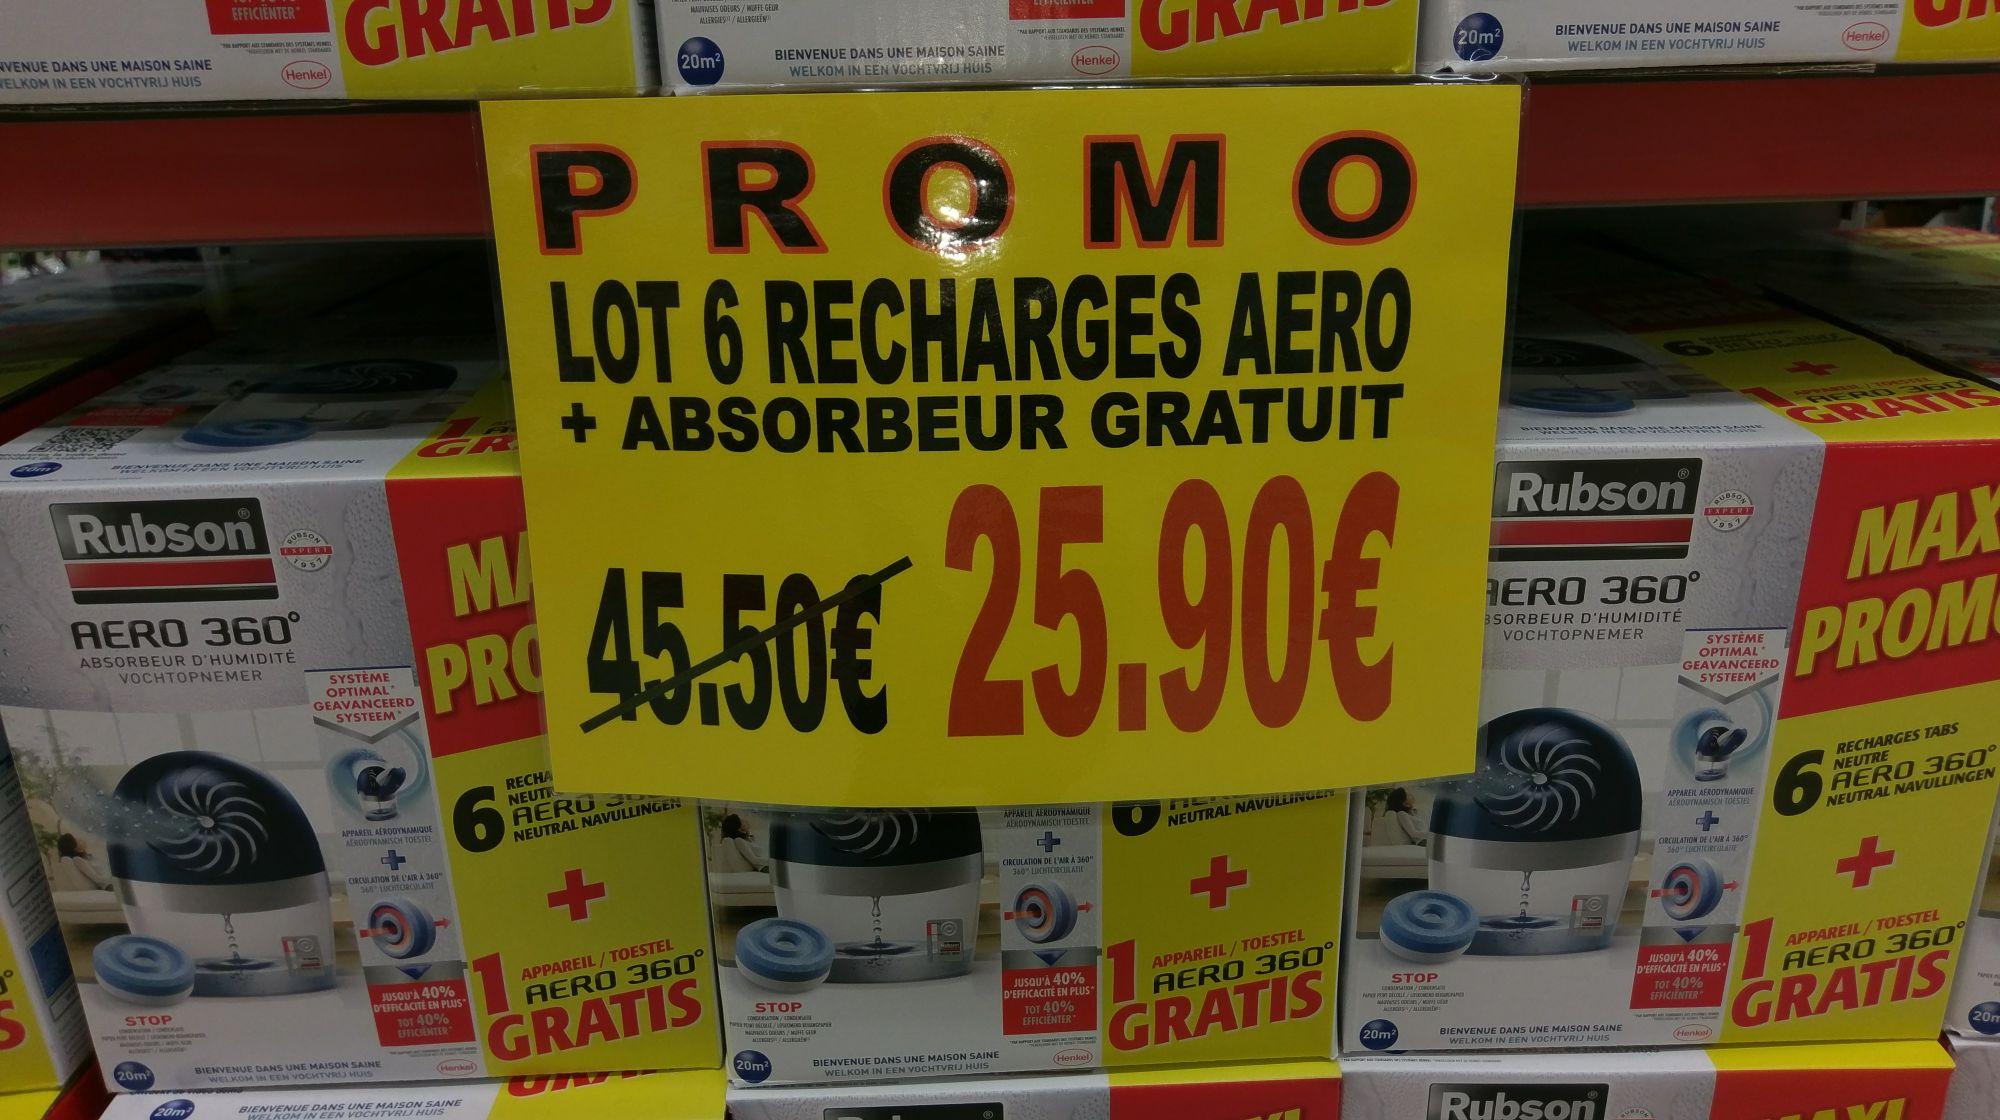 Absorbeur Rubson Aero 360° (20 m²) + lot de 6 recharges Aero au Carrefour Plouzané (29)